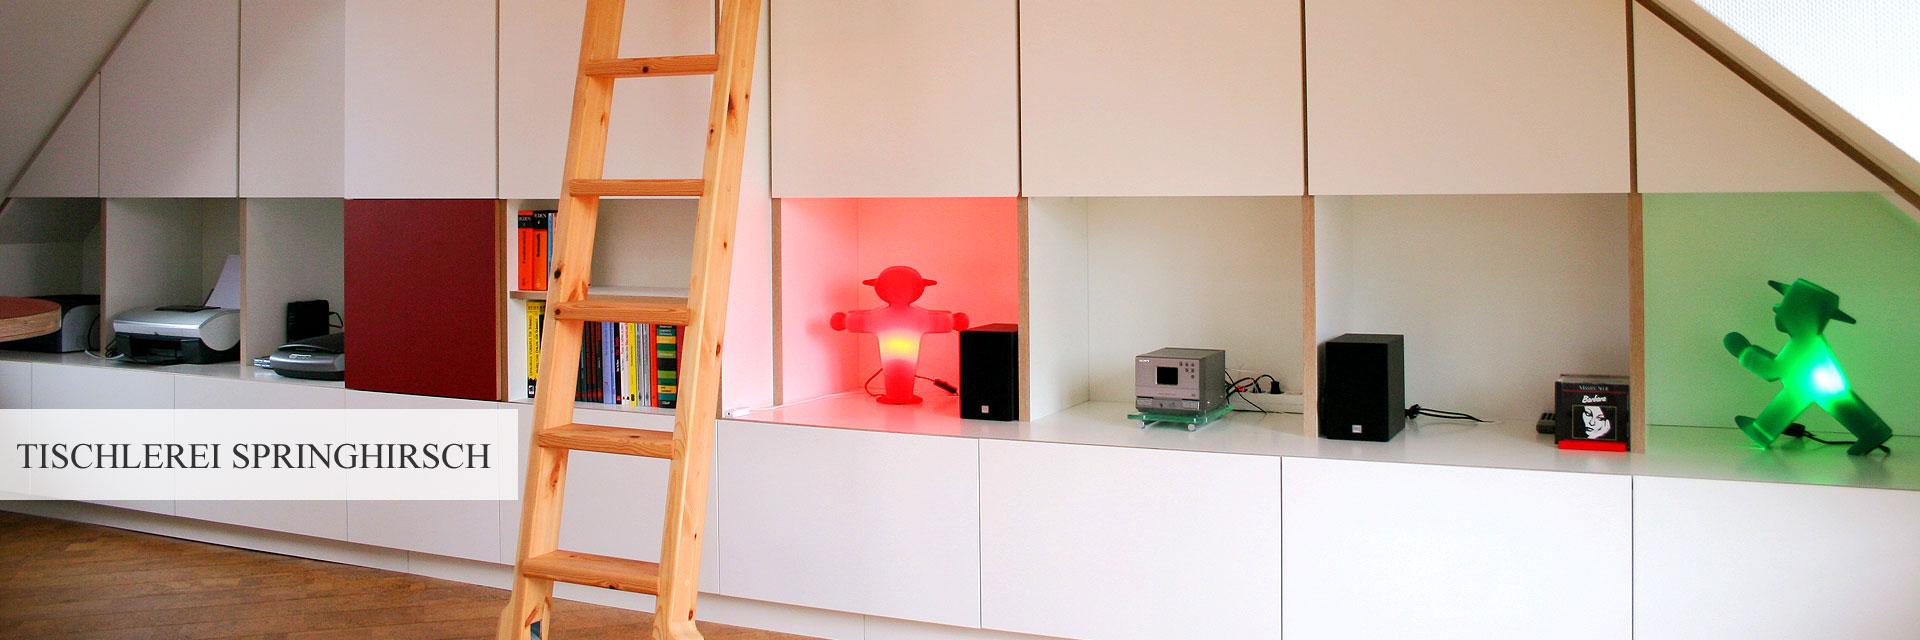 Tischlerei Rendsburg wir gestalten mit viel liebe zum detail ihre lebens und arbeitsräume